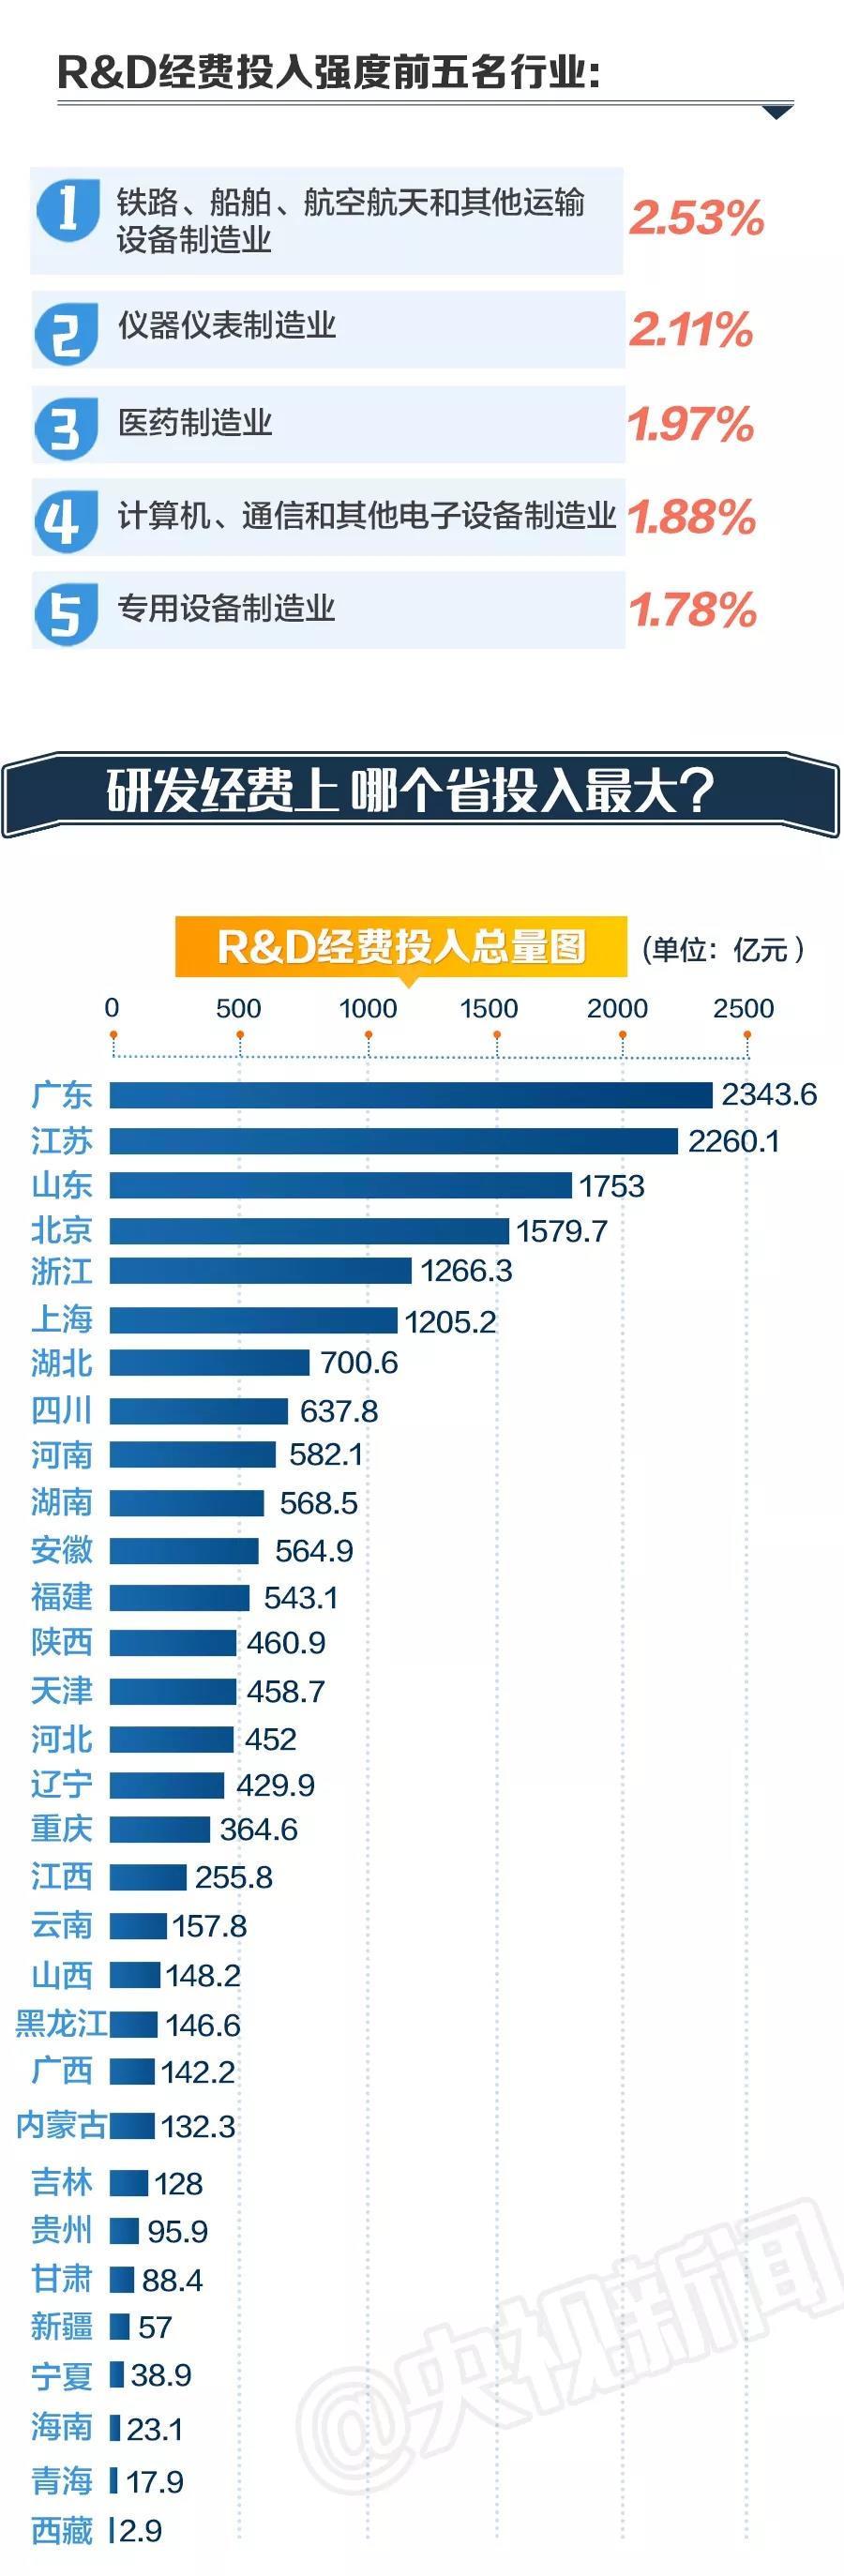 1.76万亿!中国科研经费投入力度在世界处于什么水平?